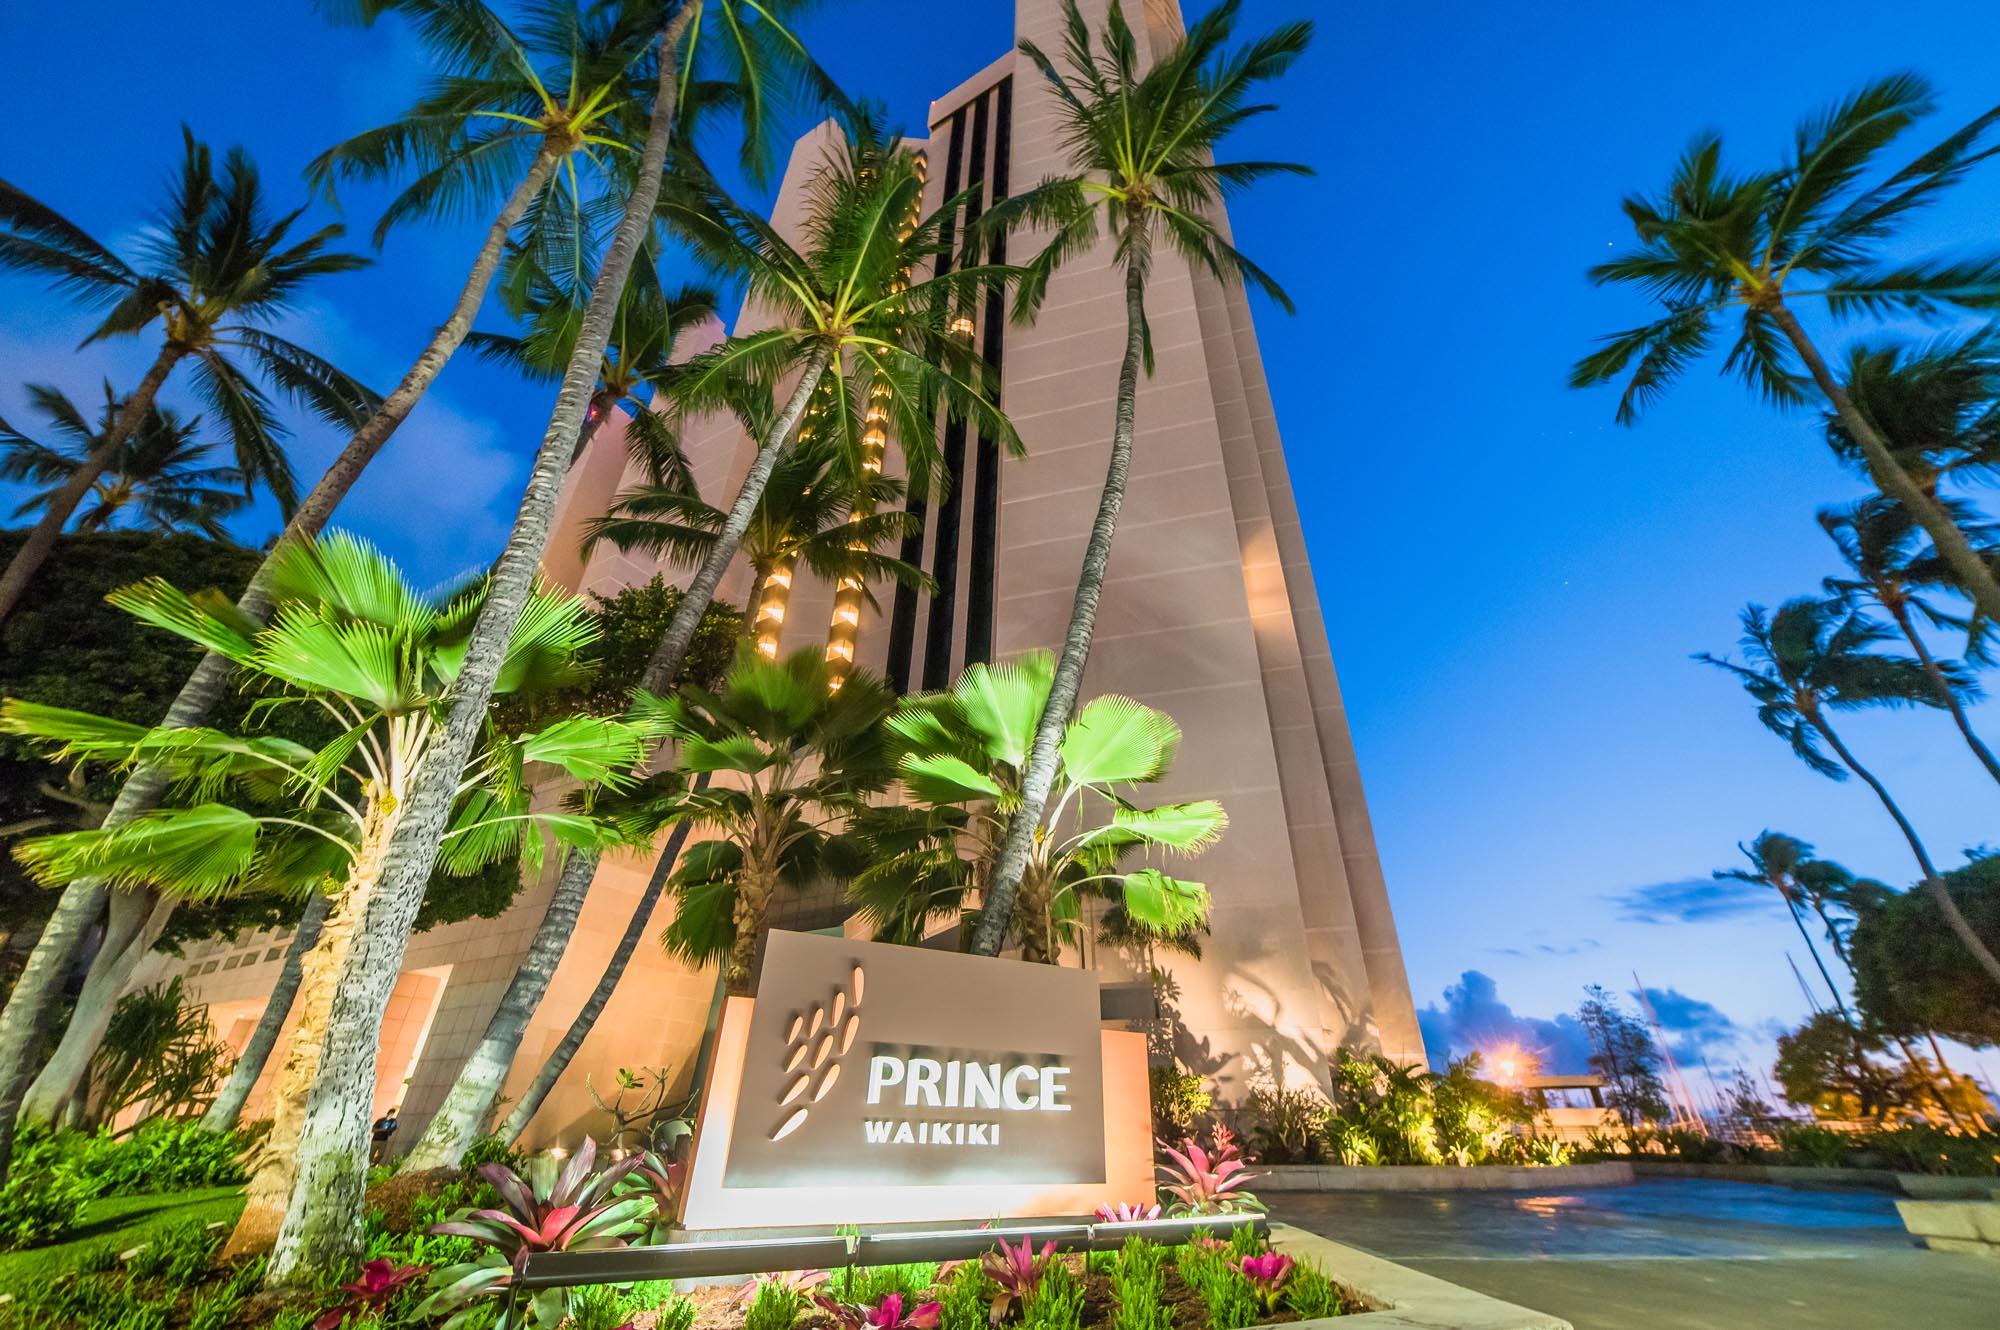 Prince Waikiki Arrival